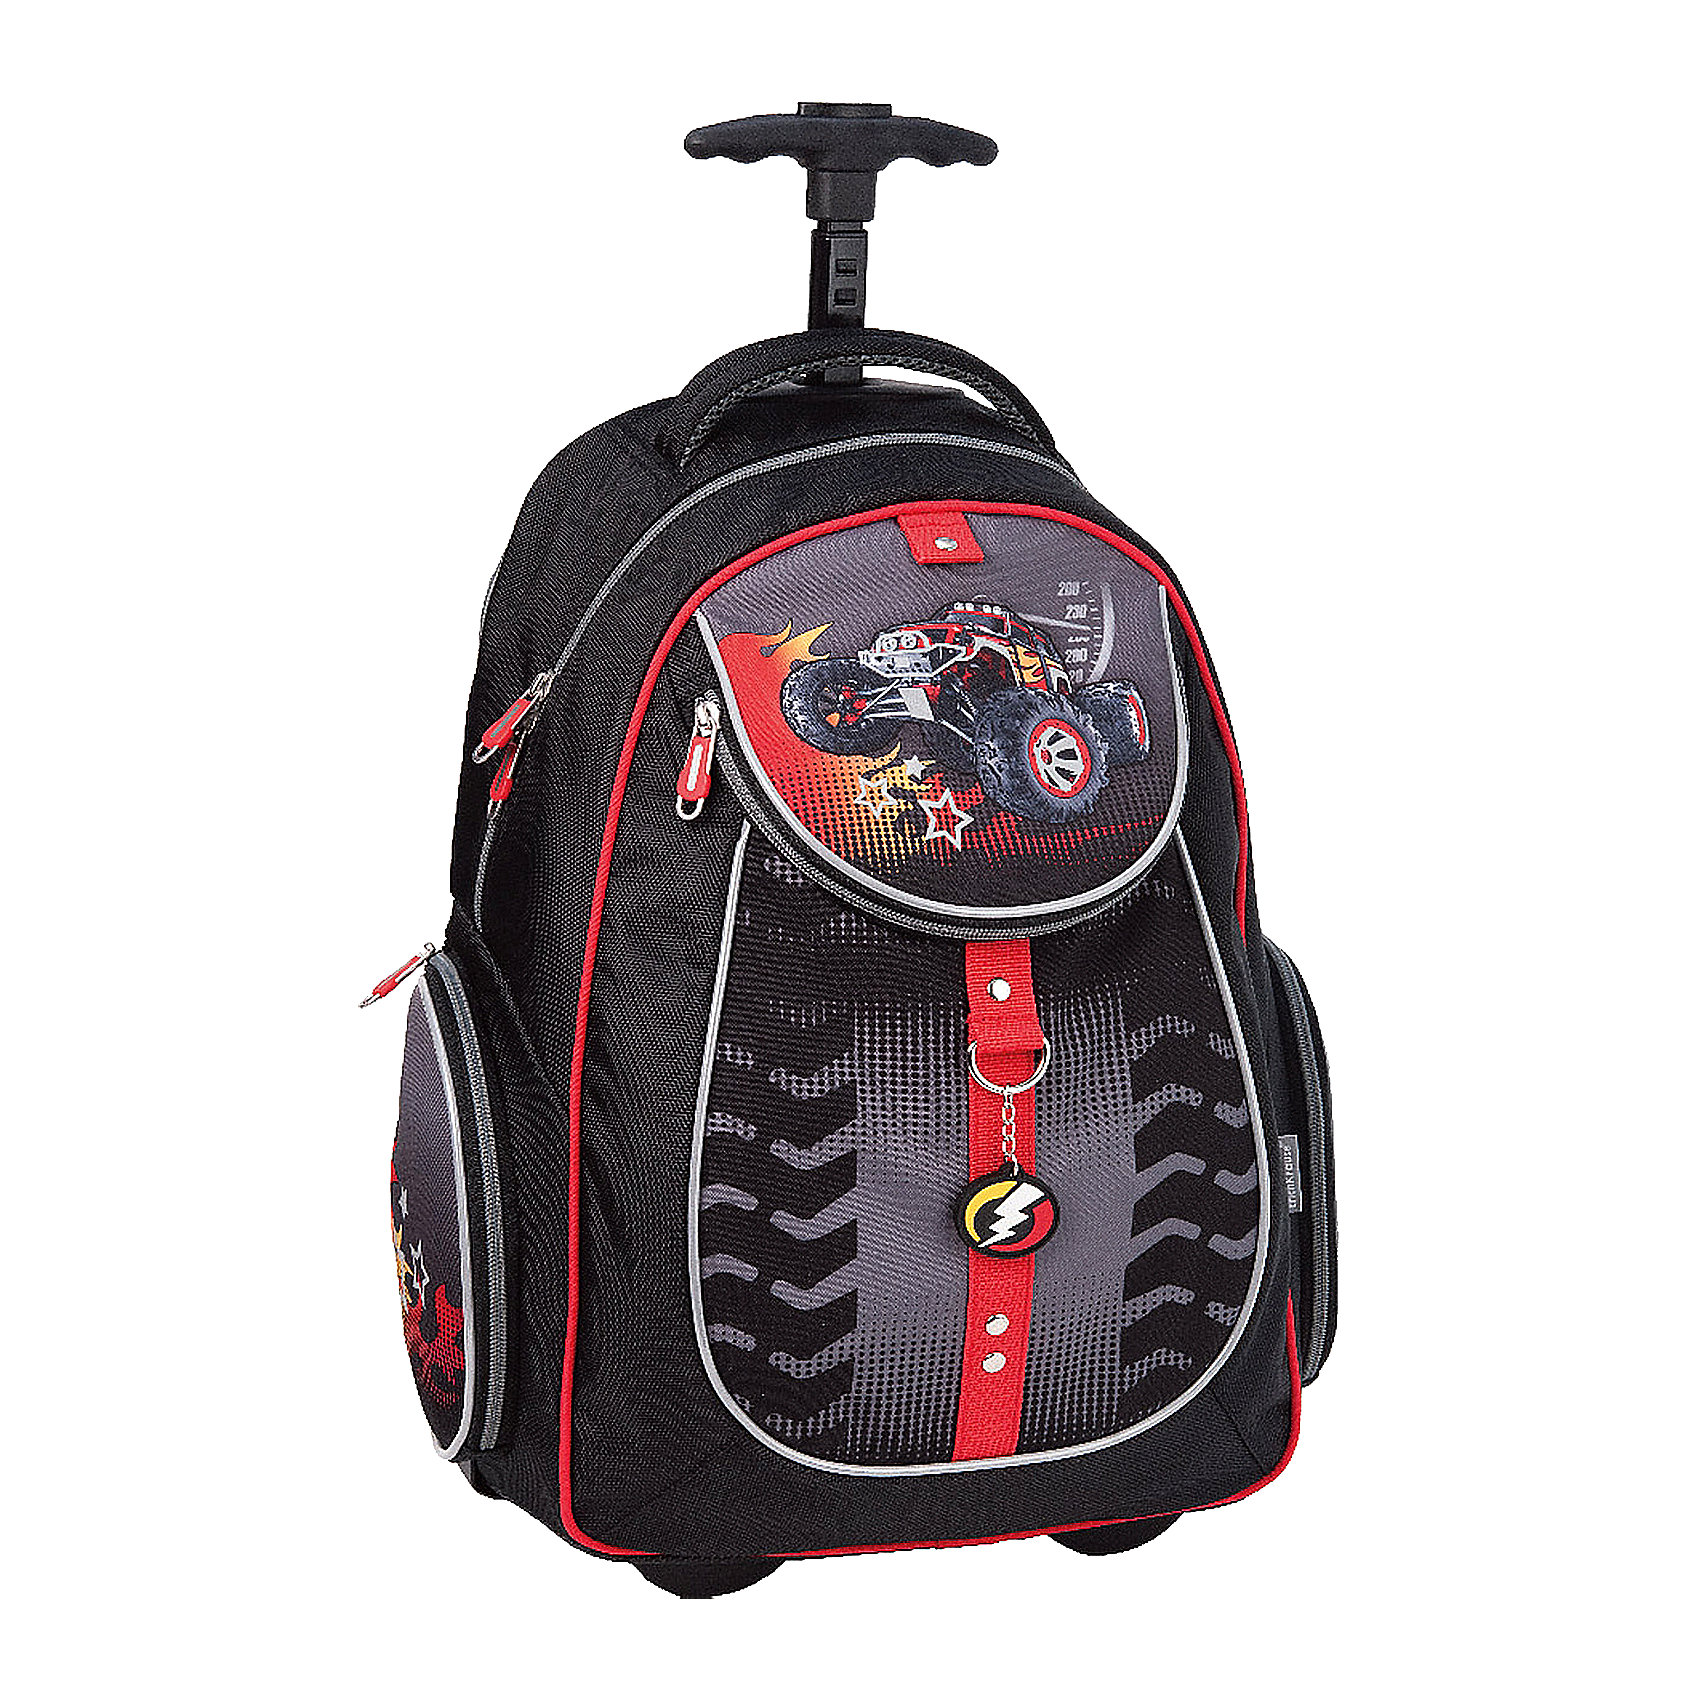 Школьный рюкзак на колесах BigFootРюкзак BigFoot на колесах - удобный практичный рюкзак, который замечательно подойдет не только для школьных занятий, но также для поездок и путешествий. Рюкзак выполнен из прочного и легкого водонепроницаемого материала. Вашему ребенку непременно понравится стильный оригинальный дизайн с черно-серой расцветкой и изображением мощного внедорожника. У рюкзака уплотненная спинка из комфортного дышащего материала, широкие мягкие лямки, регулируются по длине и складываются в специальный карман, расположенный на спинке рюкзака. Отличительное достоинство данной модели - ее можно катить как тележку: корпус рюкзака оснащен выдвижной телескопической ручкой и резиновыми колесиками на подшипниках, которые закрываются при транспортировке рюкзака на спине, дно непромокаемое.<br><br>Рюкзак закрывается на застежку-молнию, внутри одно основное просторное отделение с тканевой перегородкой. Также имеются два кармана на молнии по бокам и большой карман с застежкой-молнией на лицевой стороне. Светоотражающие элементы повышают безопасность ребенка в темноте. <br><br>Дополнительная информация:<br><br>- Материал: полиэстер.  <br>- Длина ручки: 75 см.<br>- Размер рюкзака: 38 х 28 х 14 см.<br>- Вес: 450 г.<br><br>Рюкзак BigFoot на колесах, Erich Krause (Эрих Краузе), можно купить в нашем интернет-магазине.<br><br>Ширина мм: 310<br>Глубина мм: 180<br>Высота мм: 440<br>Вес г: 1960<br>Возраст от месяцев: 72<br>Возраст до месяцев: 144<br>Пол: Мужской<br>Возраст: Детский<br>SKU: 4058099